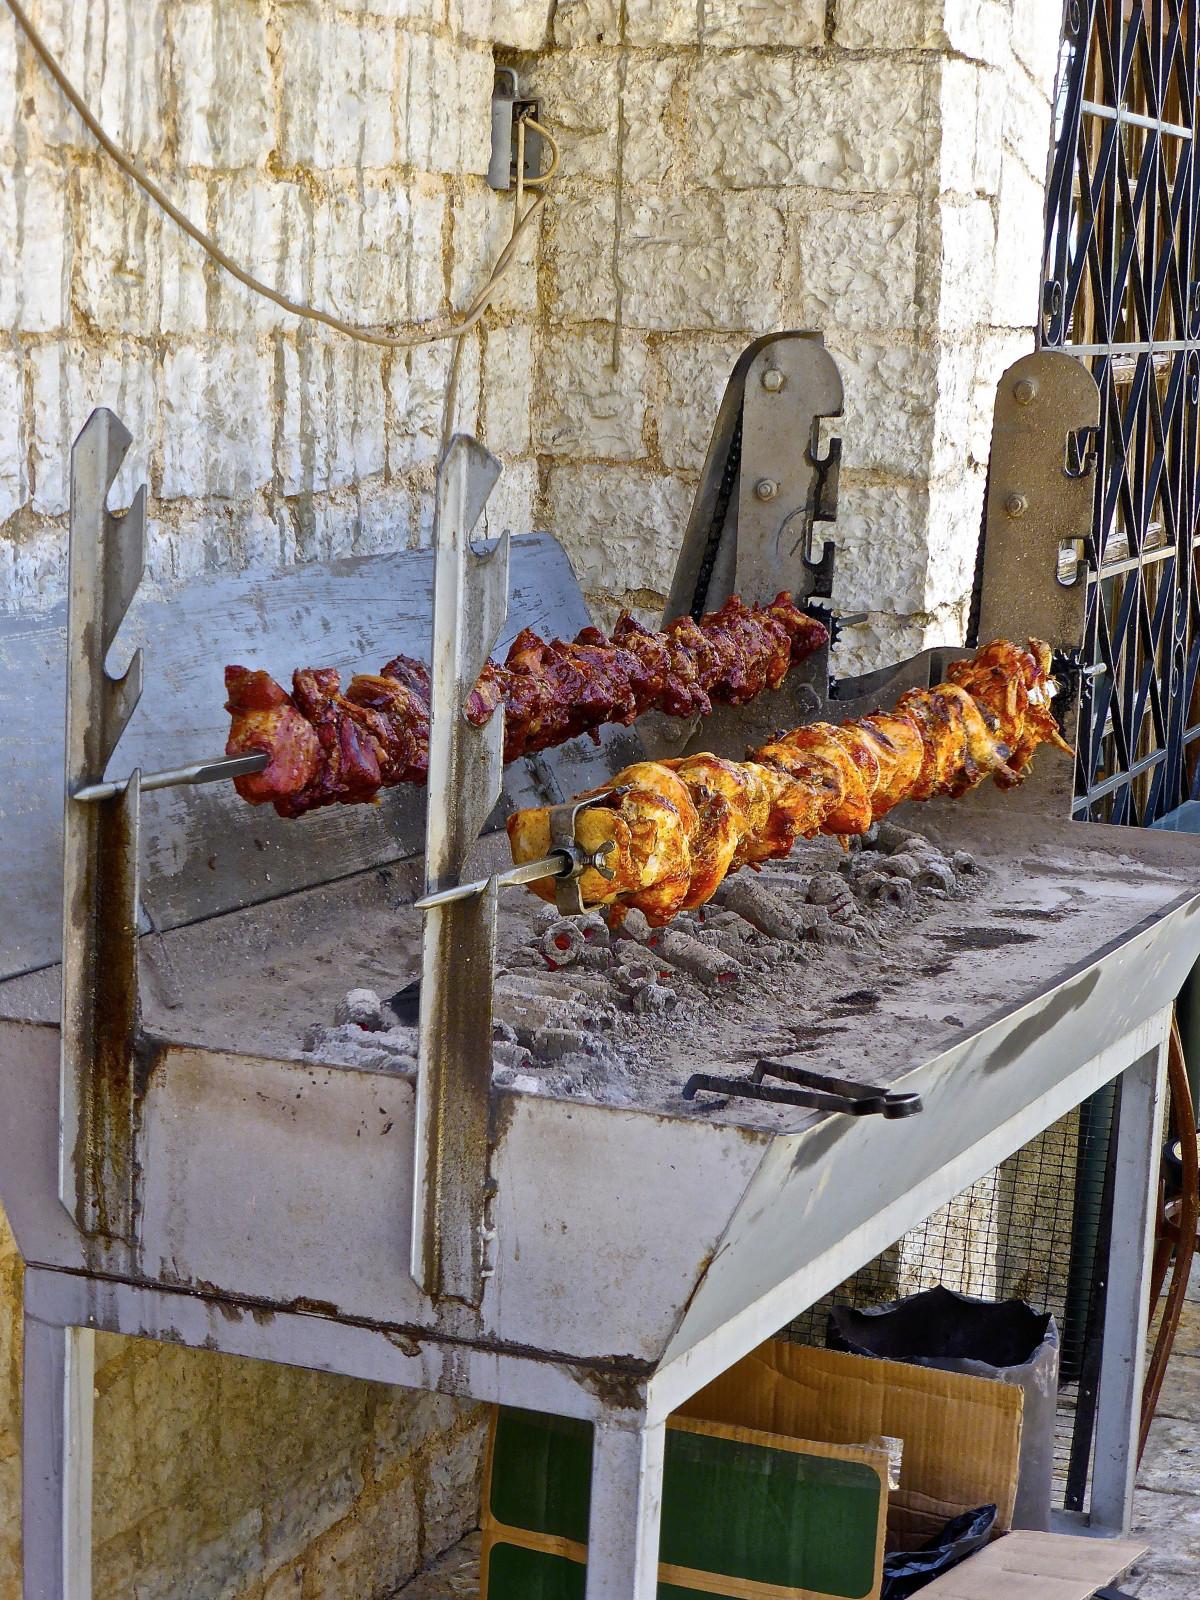 Kostenlose foto : Holz, braten, Lebensmittel, Kochen, Fleisch